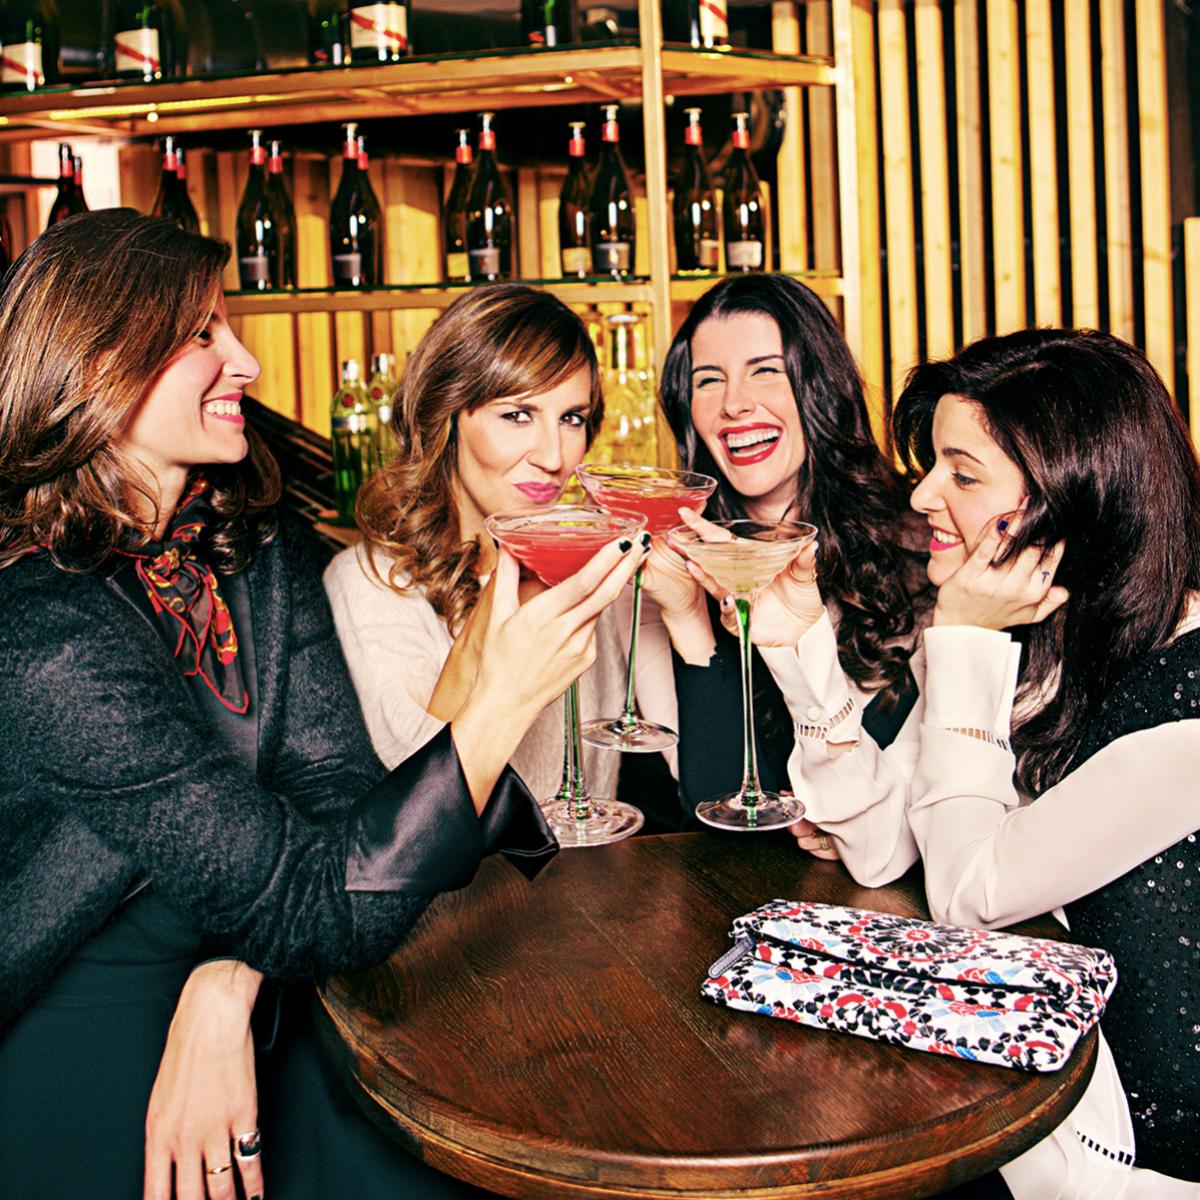 El consumo puntual de alcohol también tiene efectos negativos en...